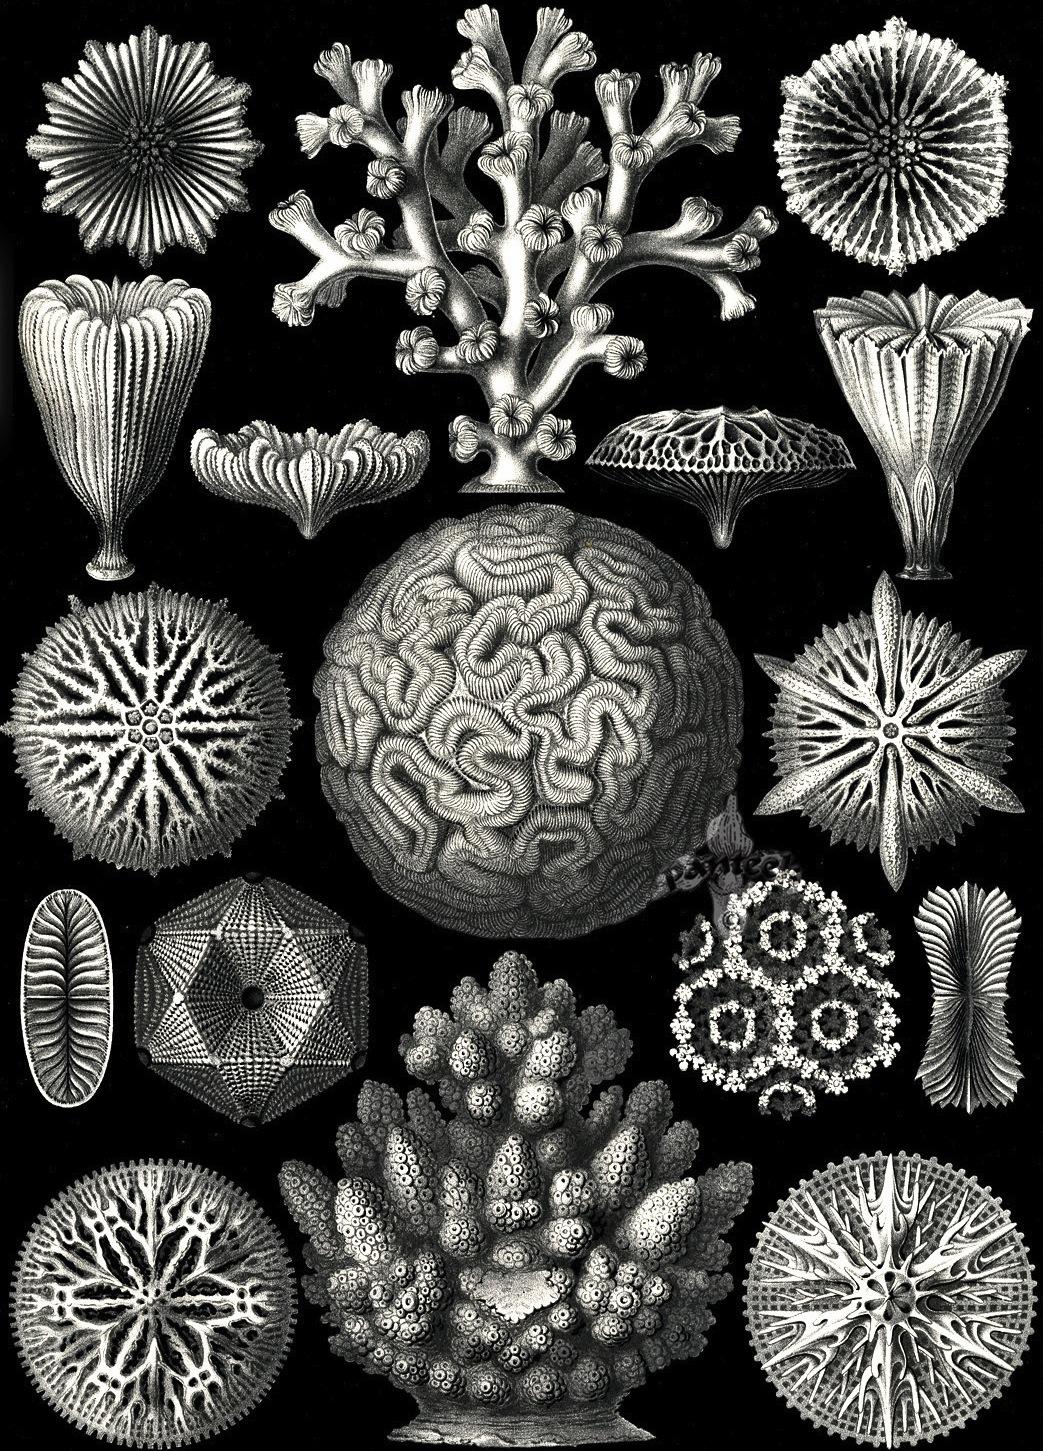 Kunstformen der Natur - Ernst Haeckel 1899-1904 (3).jpg